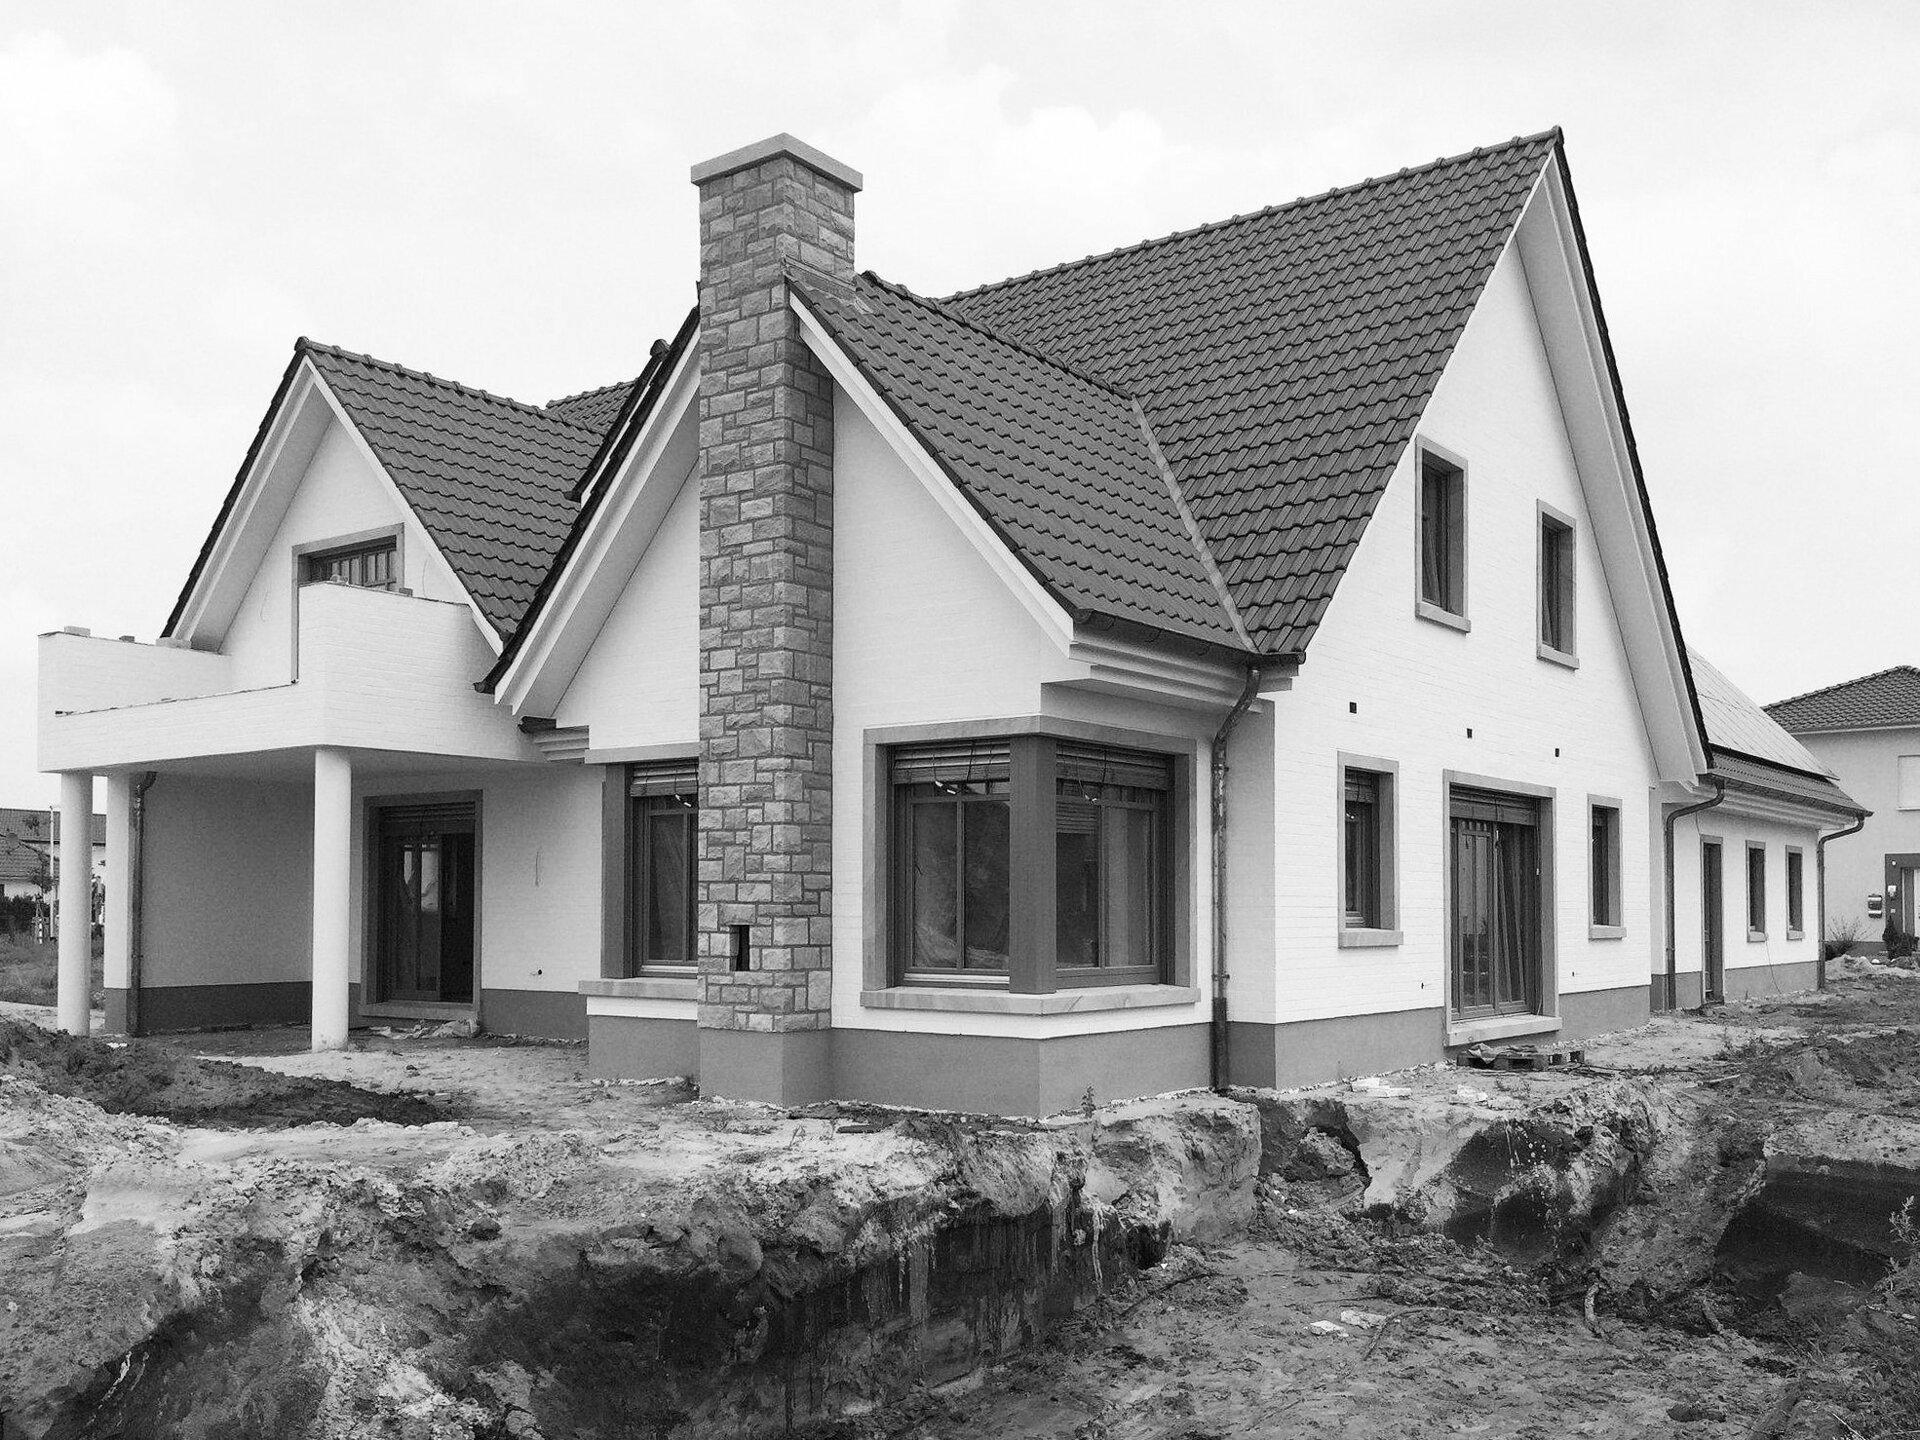 architektur und planung haves wohnh user gesch ftsh user gewerbebau industriebau. Black Bedroom Furniture Sets. Home Design Ideas